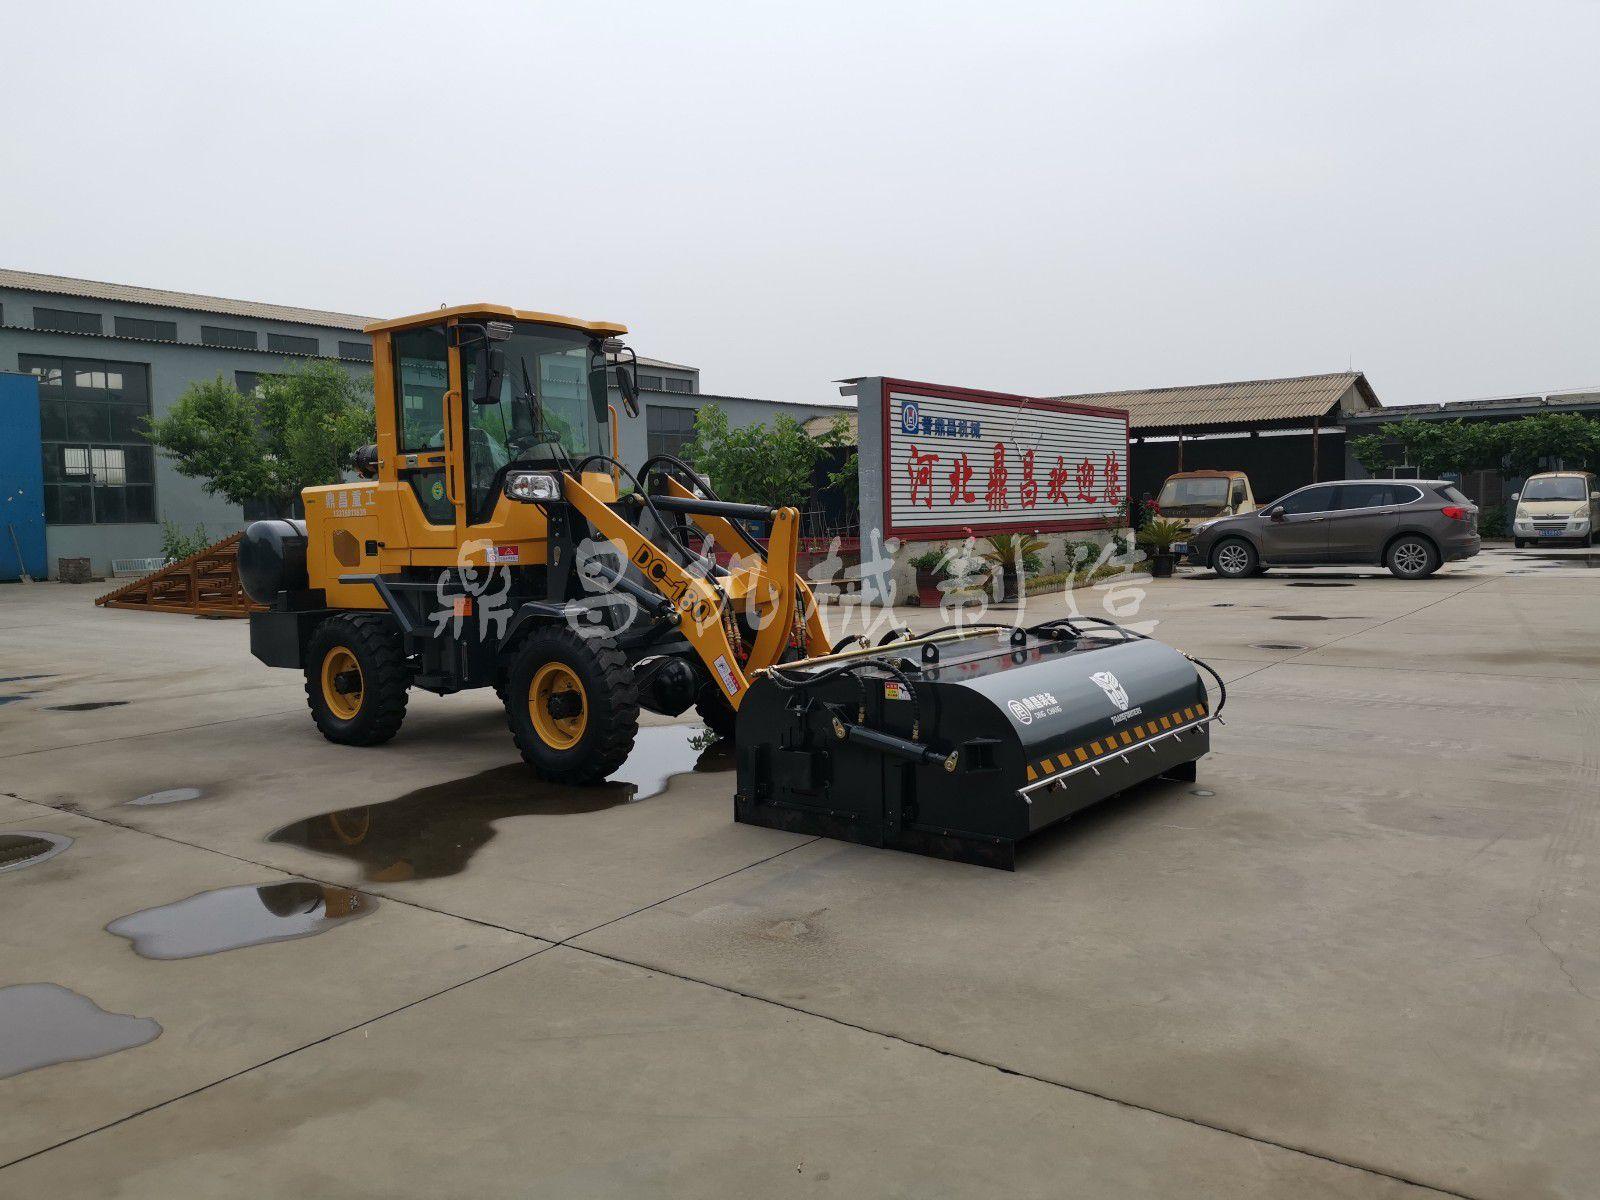 湖北随州装载机改装清扫车要重视品牌知名度